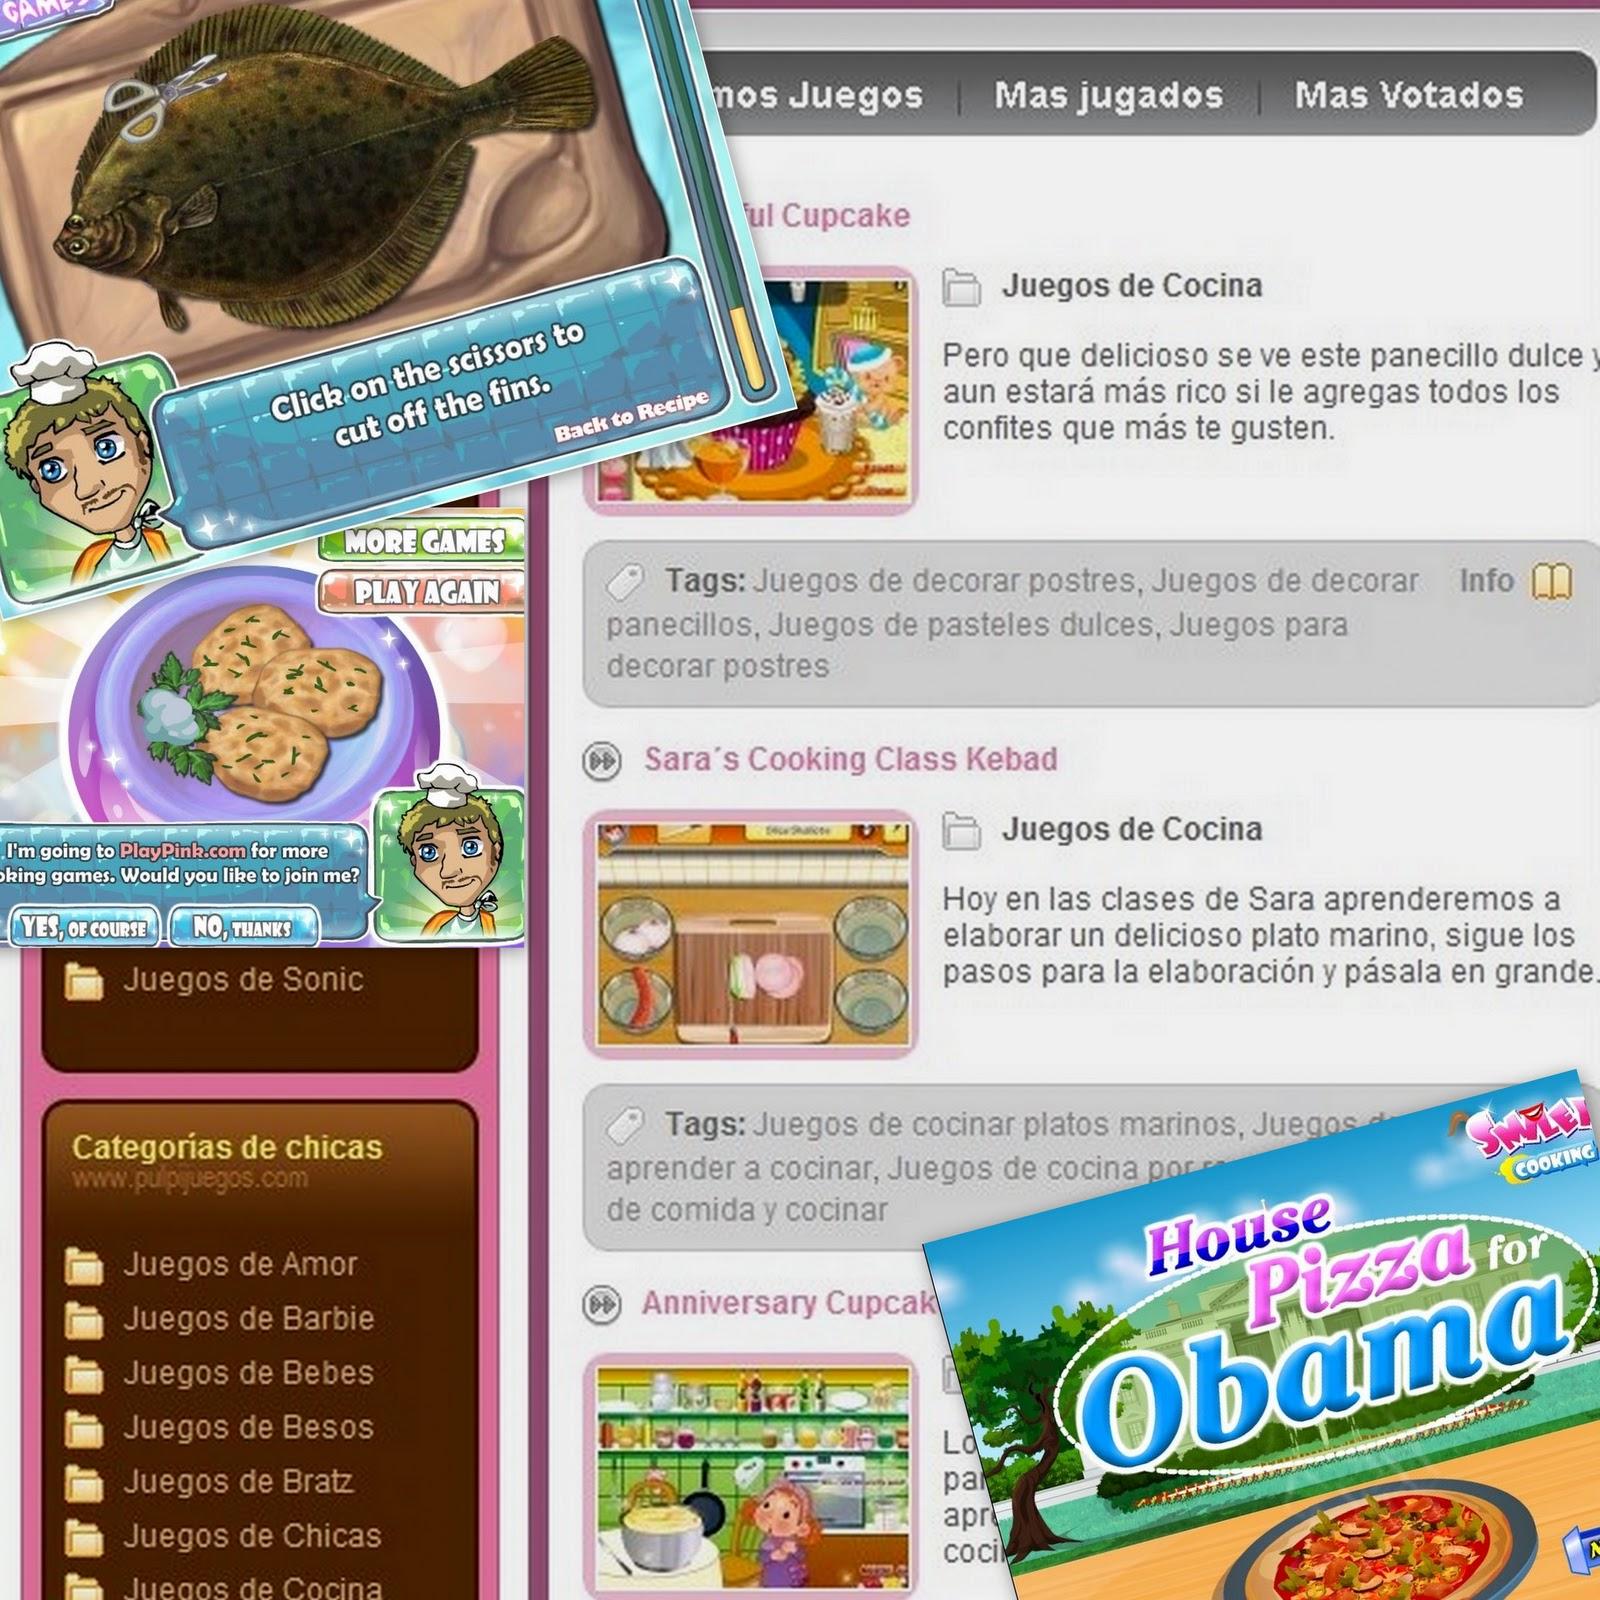 Cocina matutera pulpijuegos juegos de cocina for Ju3gos de cocina